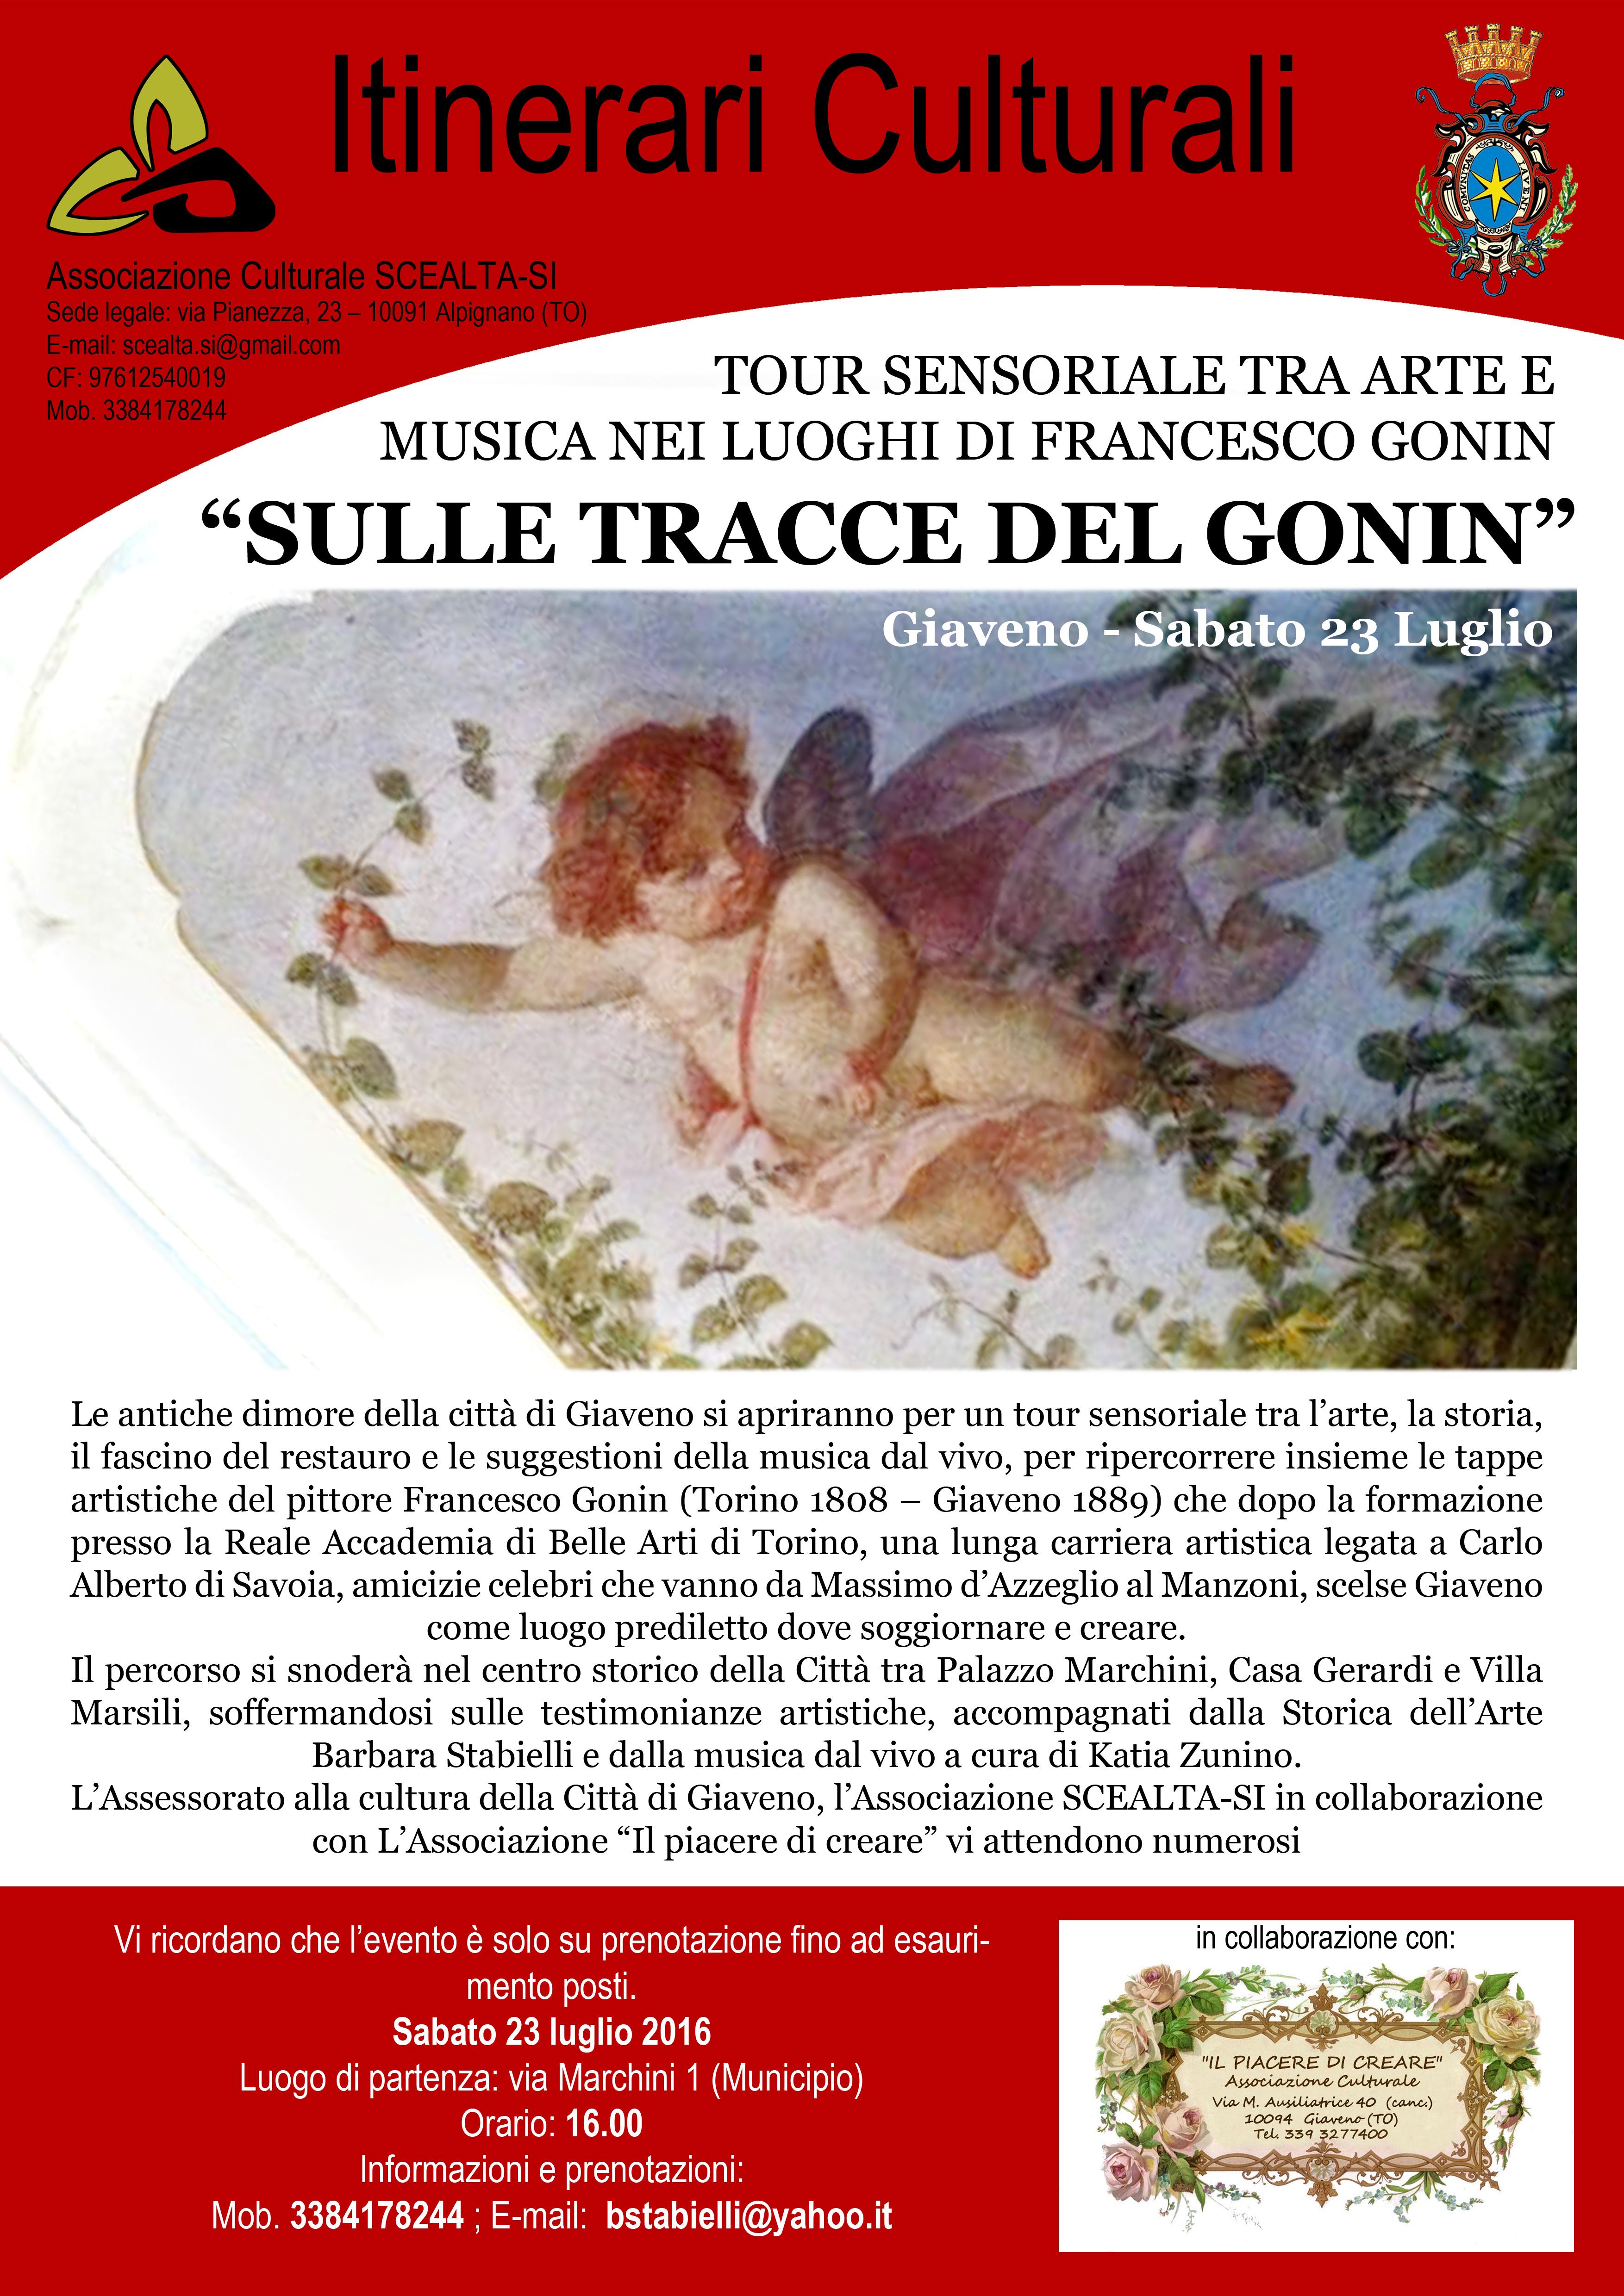 """""""Sulle tracce del Gonin"""" tour sensoriale  nei luoghi di Francesco Gonin – sabato 23 luglio 2016"""